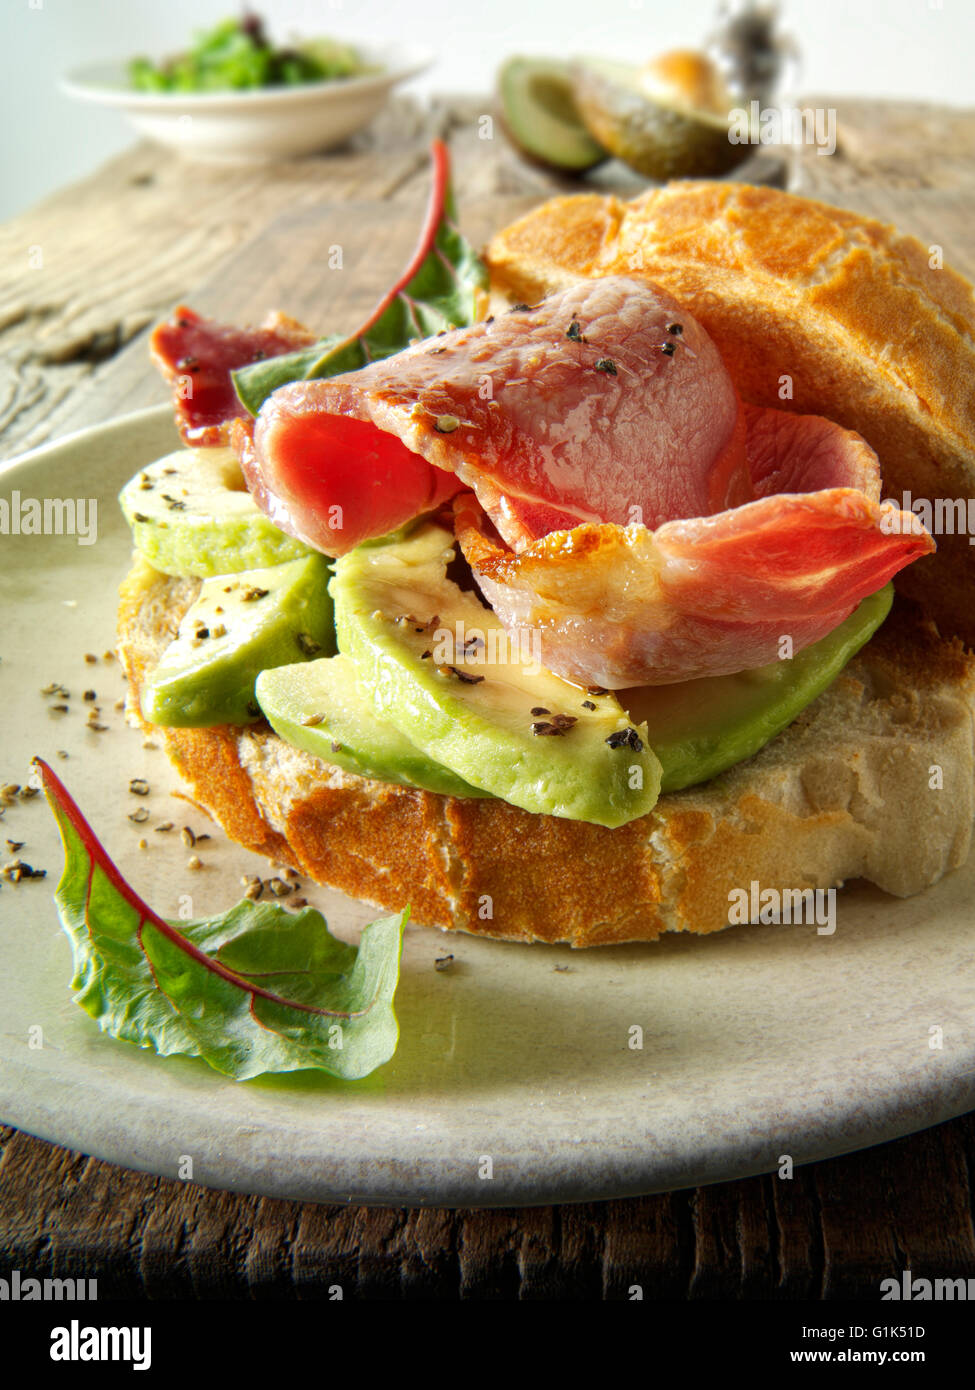 L'avocat et bacon préparé un sandwich au pain blanc sur une plaque Photo Stock